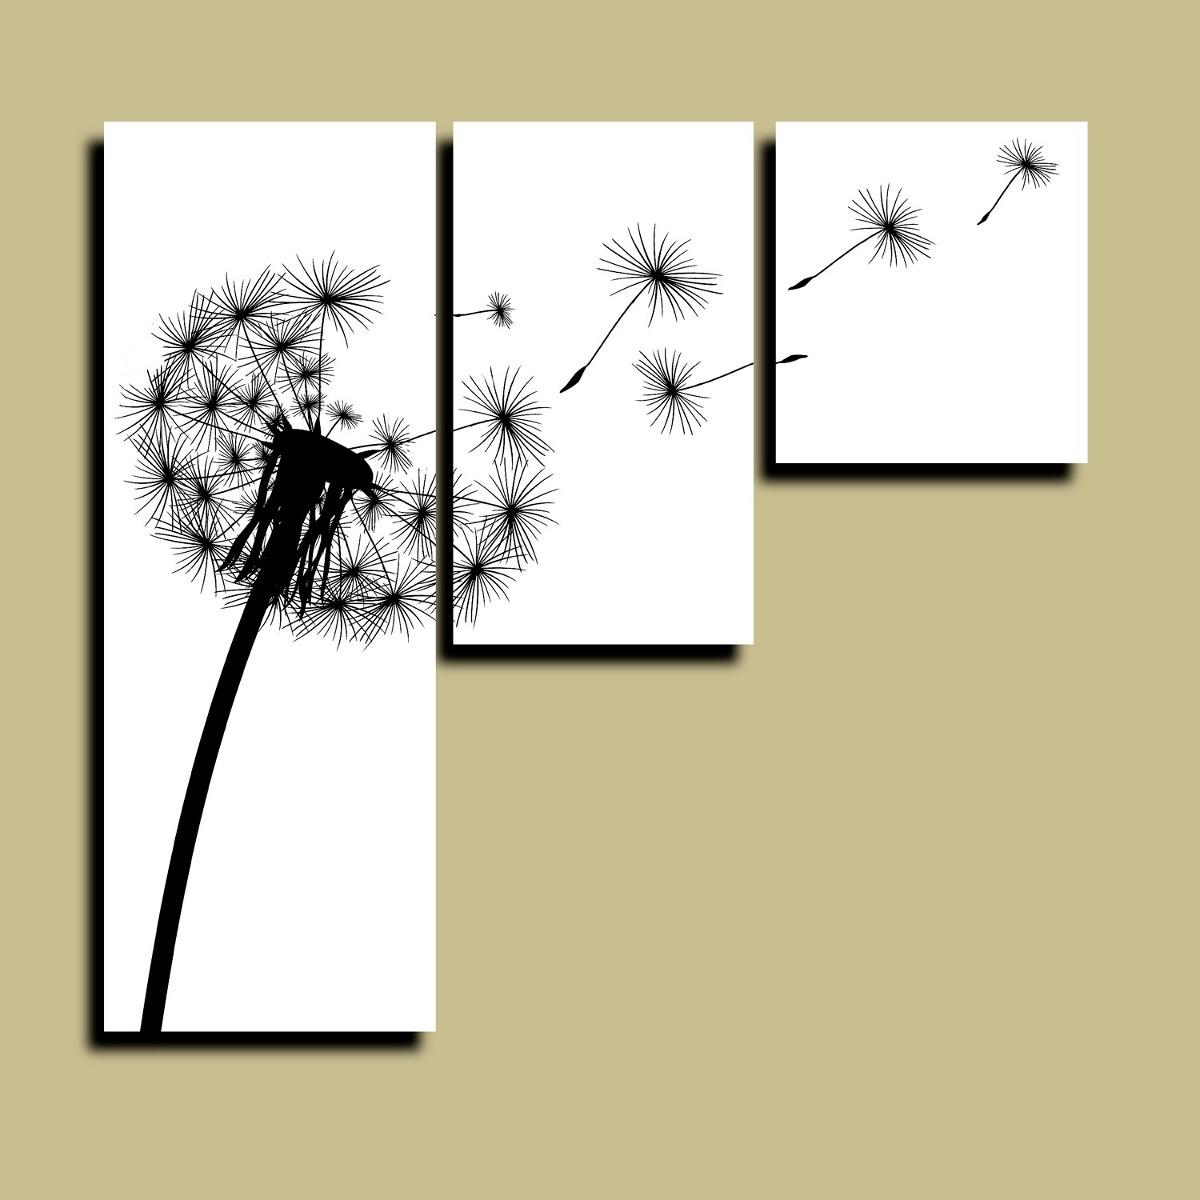 Modernos cuadros minimalistas en mercado libre for Cuadros decorativos minimalistas